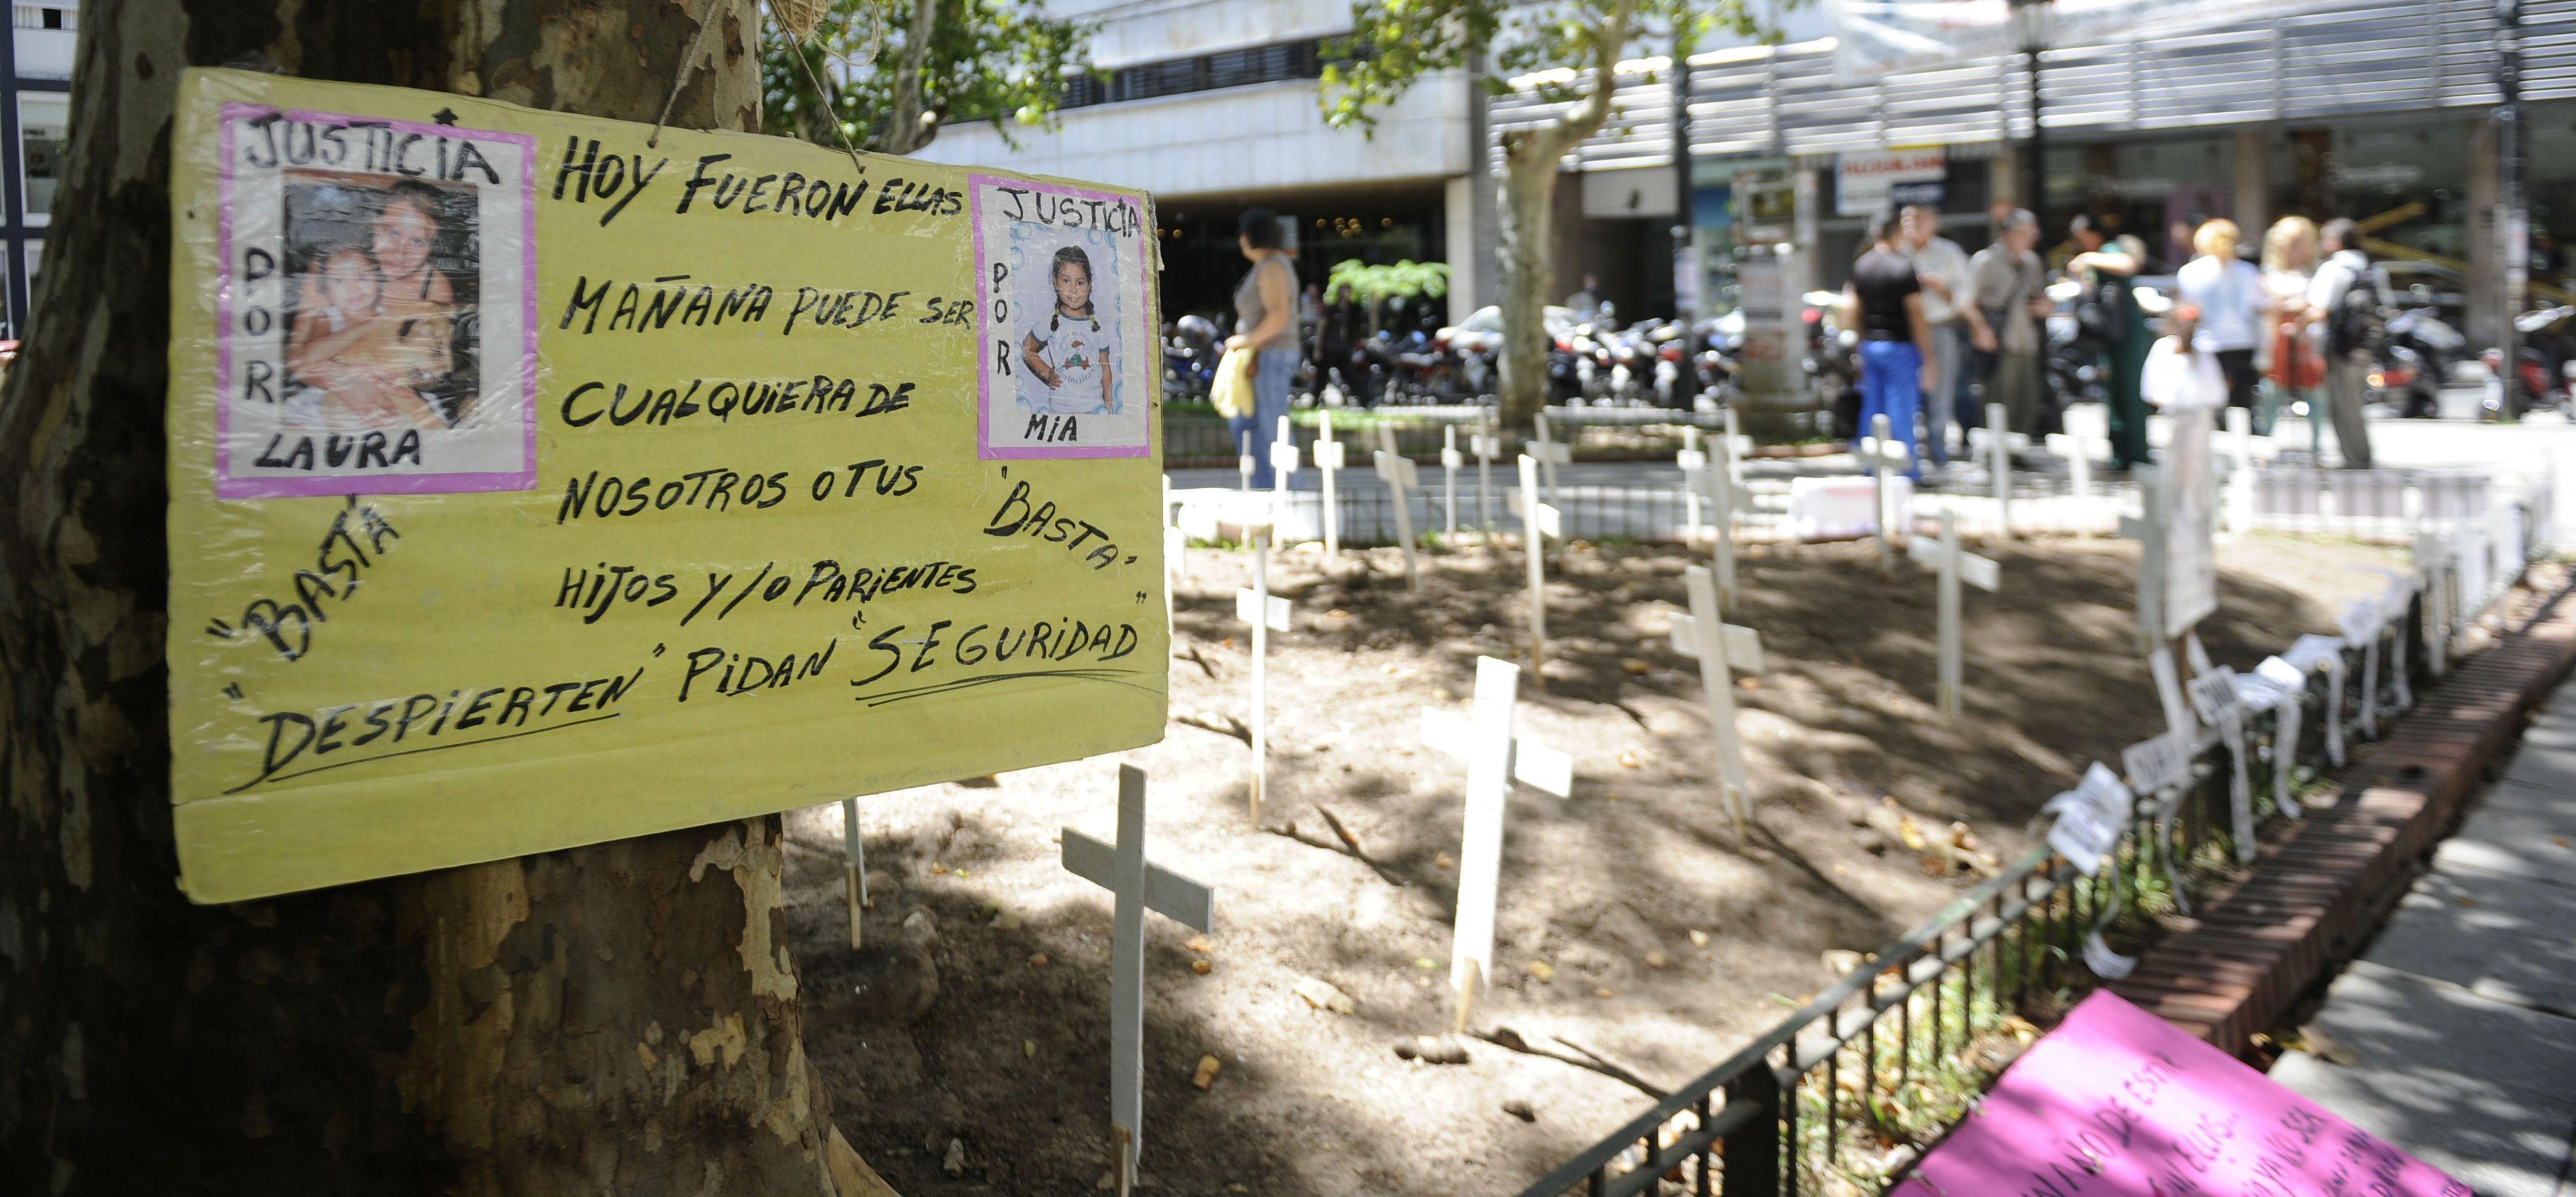 Los familiares de las víctimas de inseguridad recuerdan a sus muertos con manifestaciones en las plazas públicas rosarinas.